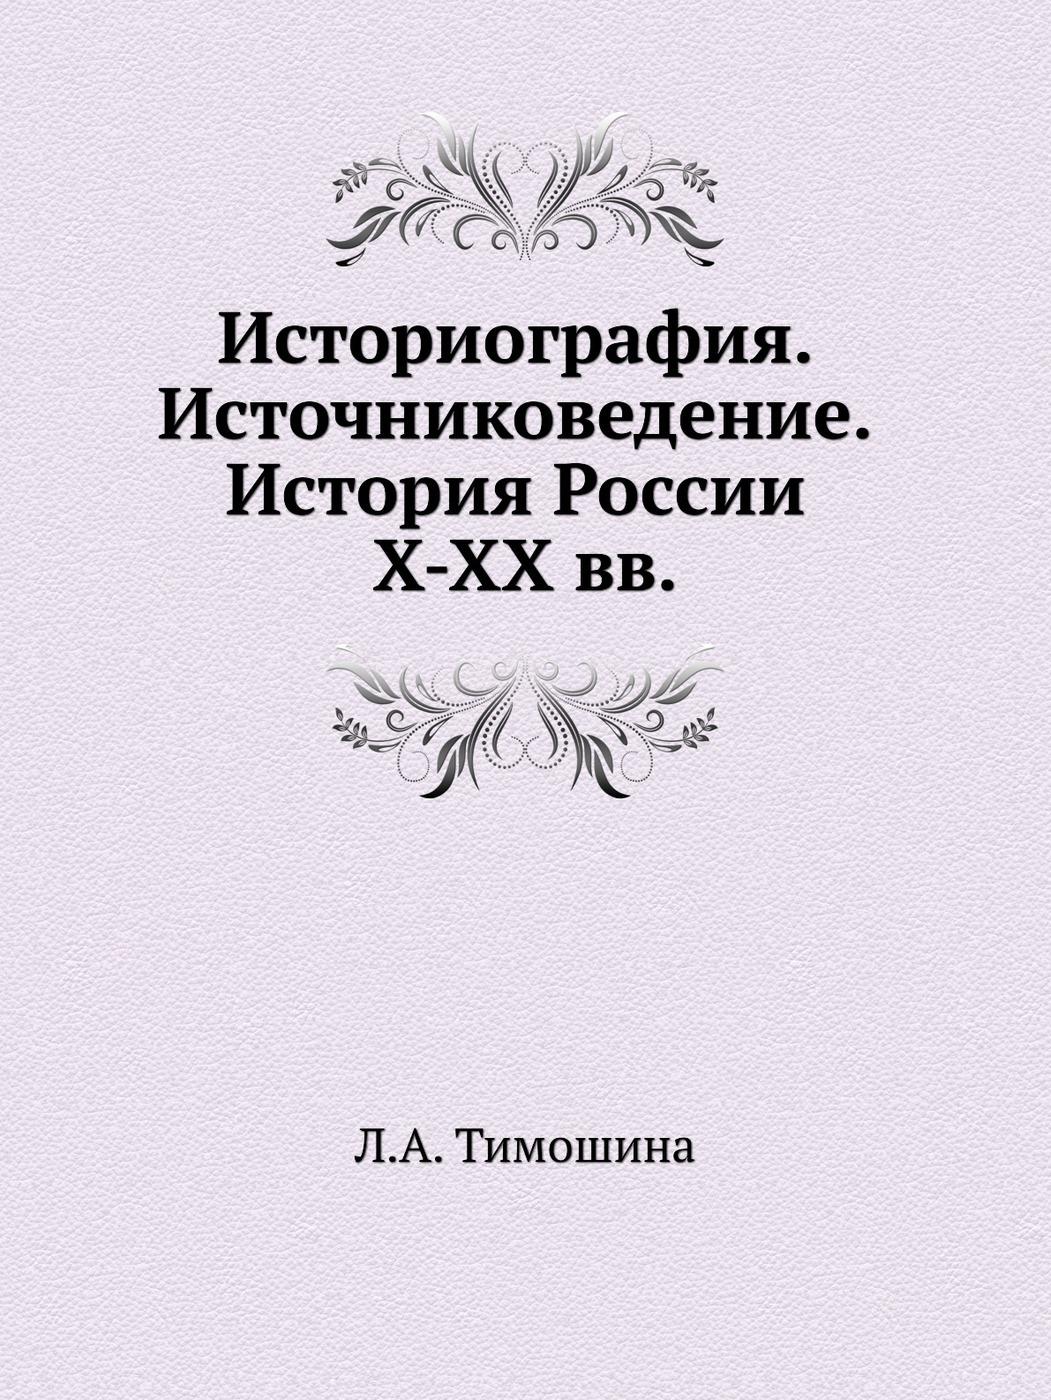 Историография - это... проблемы историографии :: syl.ru